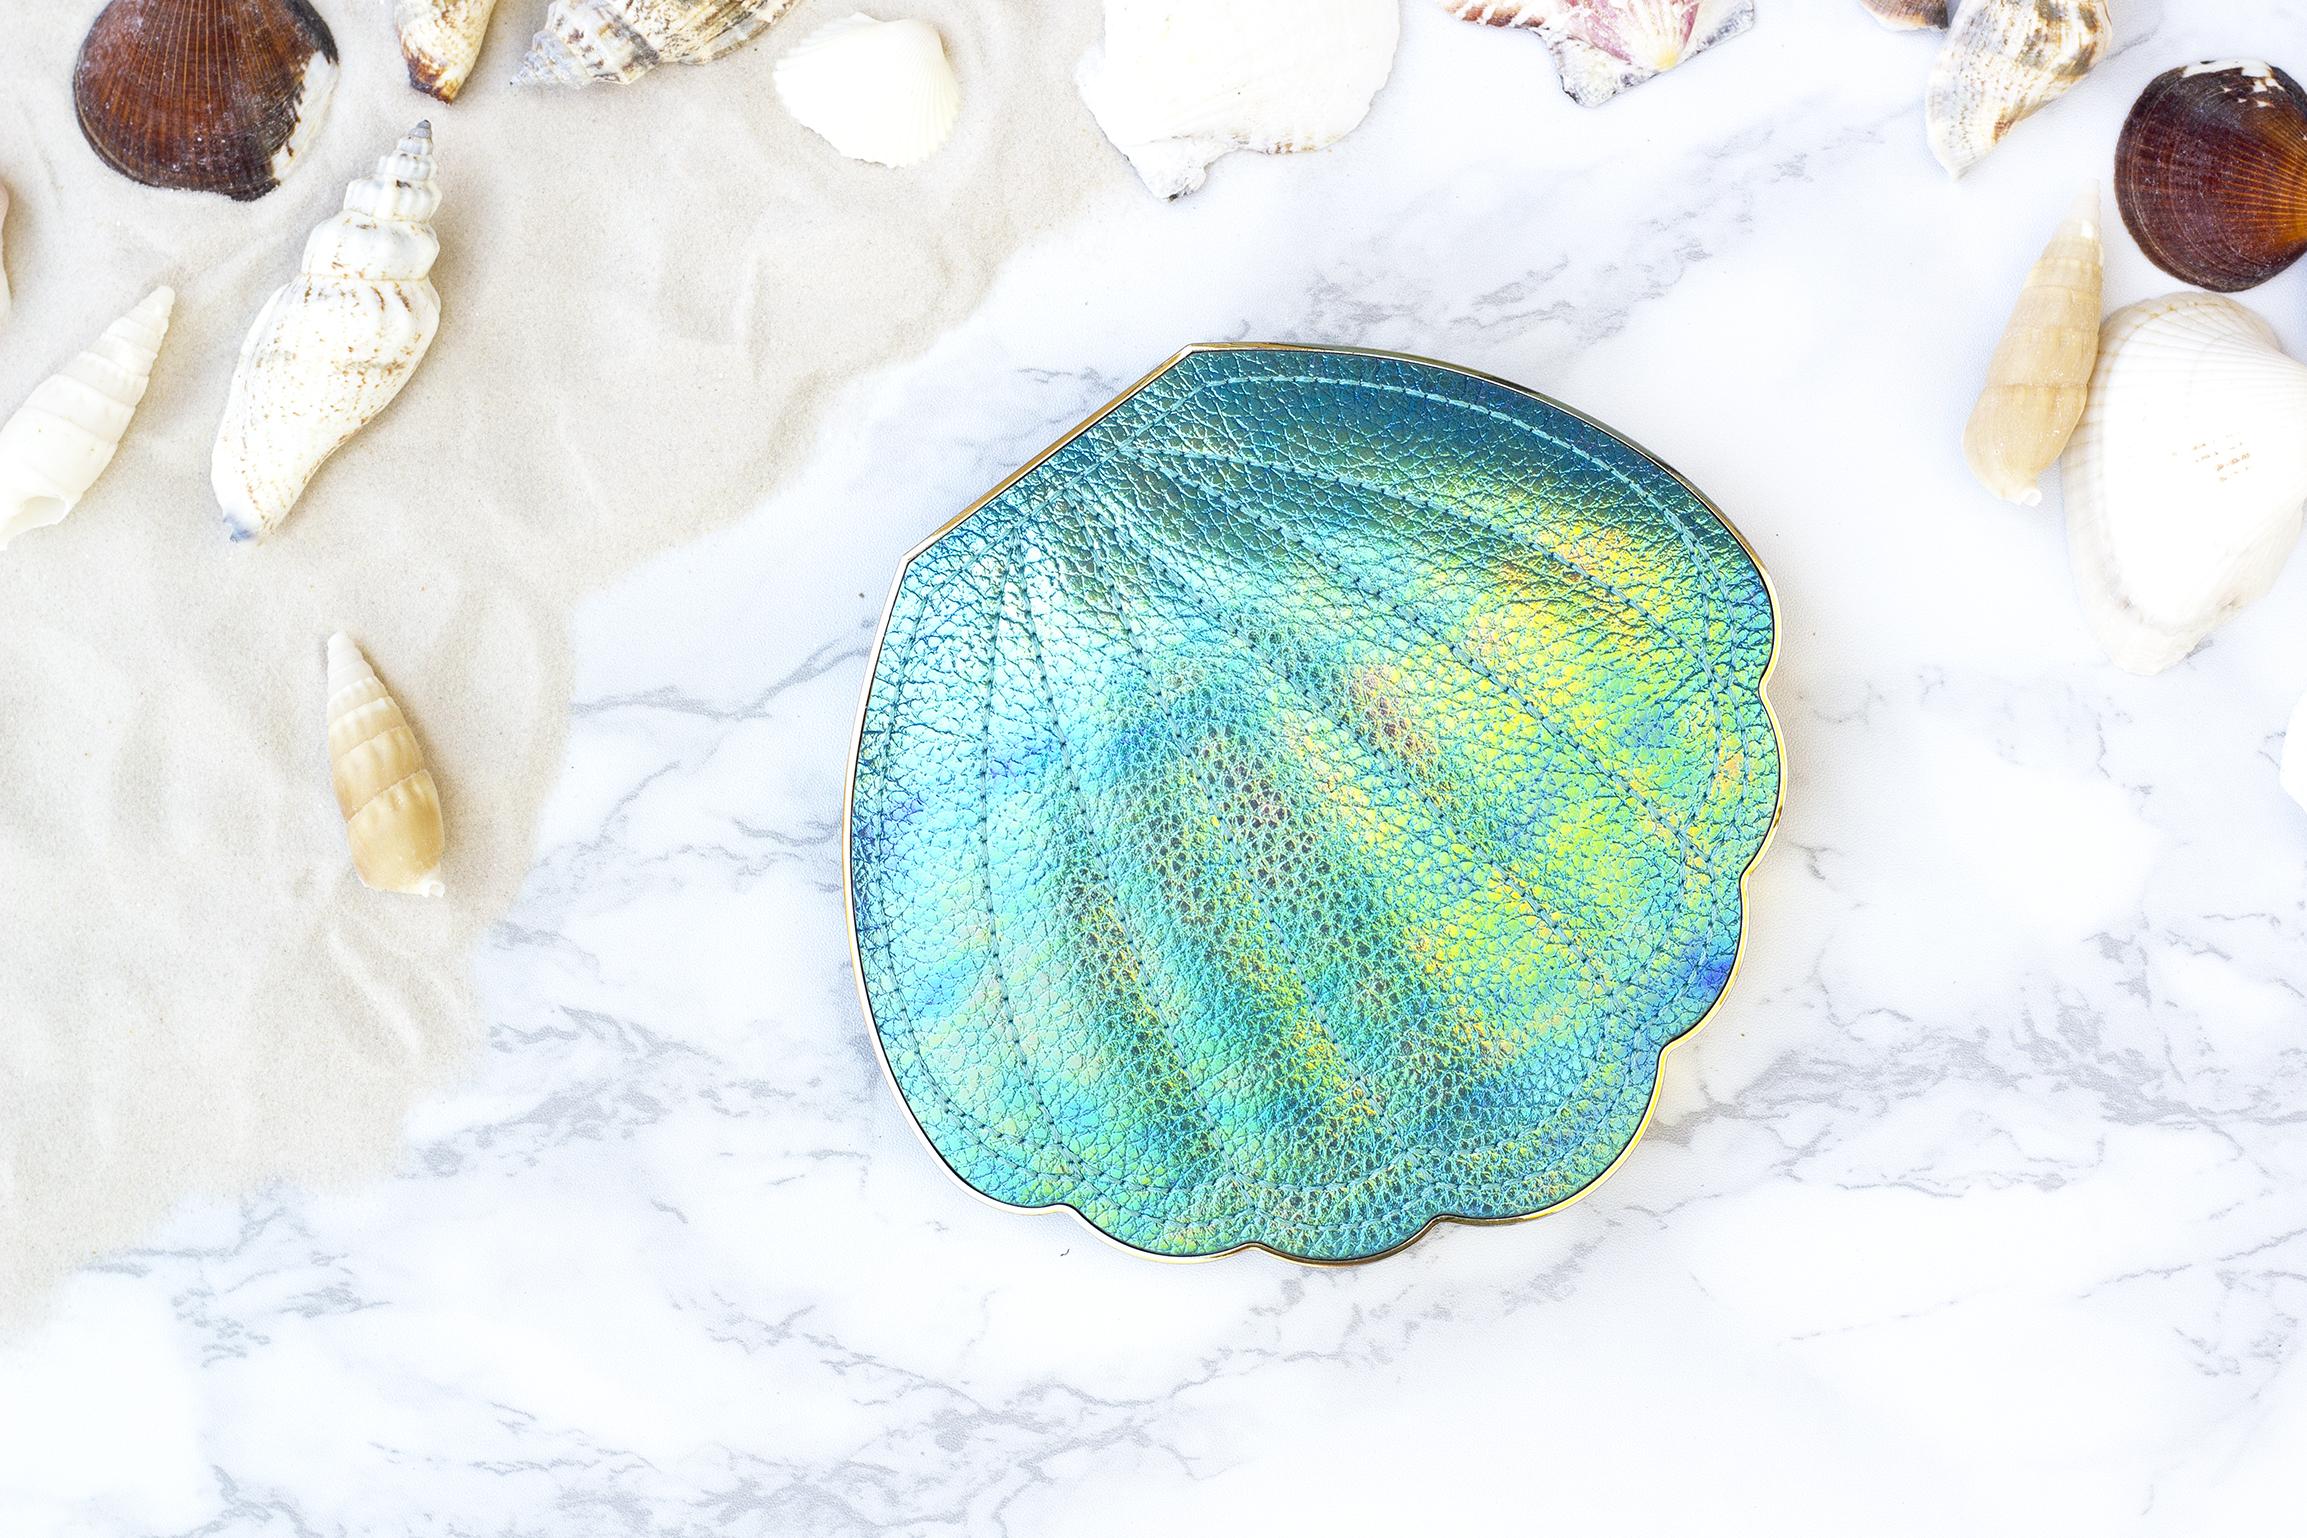 tarte mermaid palette review